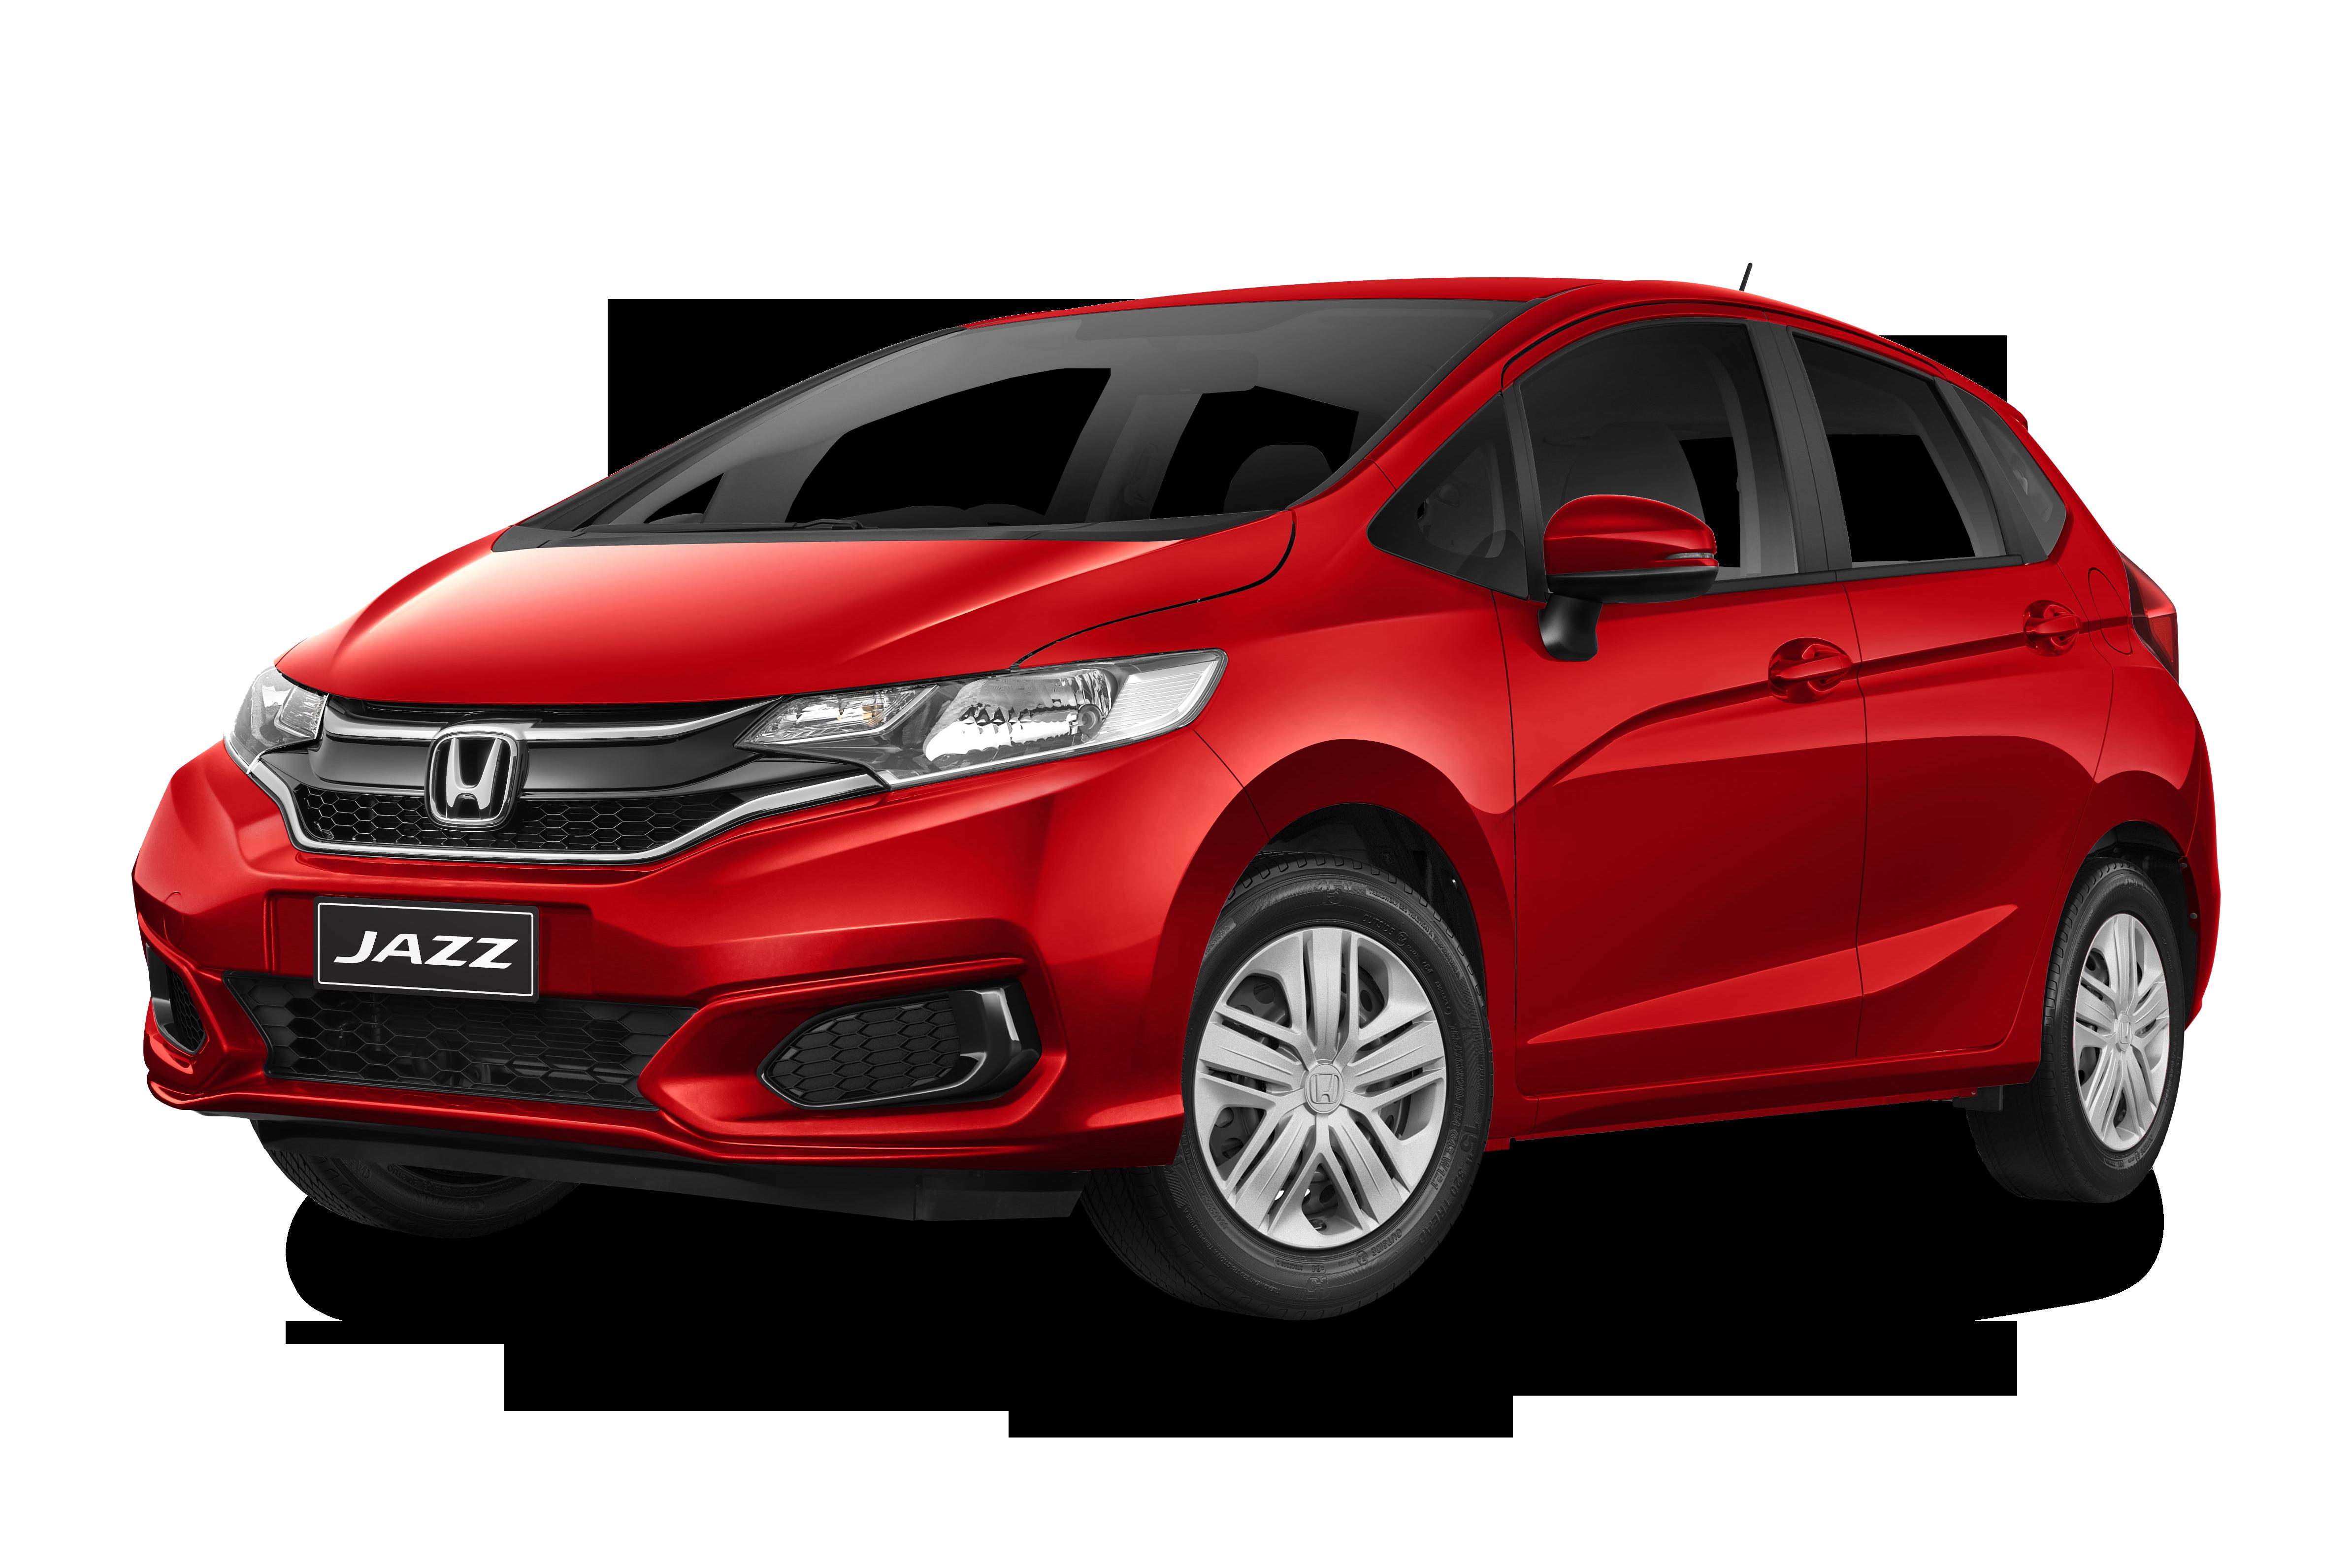 Kekurangan Honda Jazz Bekas Top Model Tahun Ini